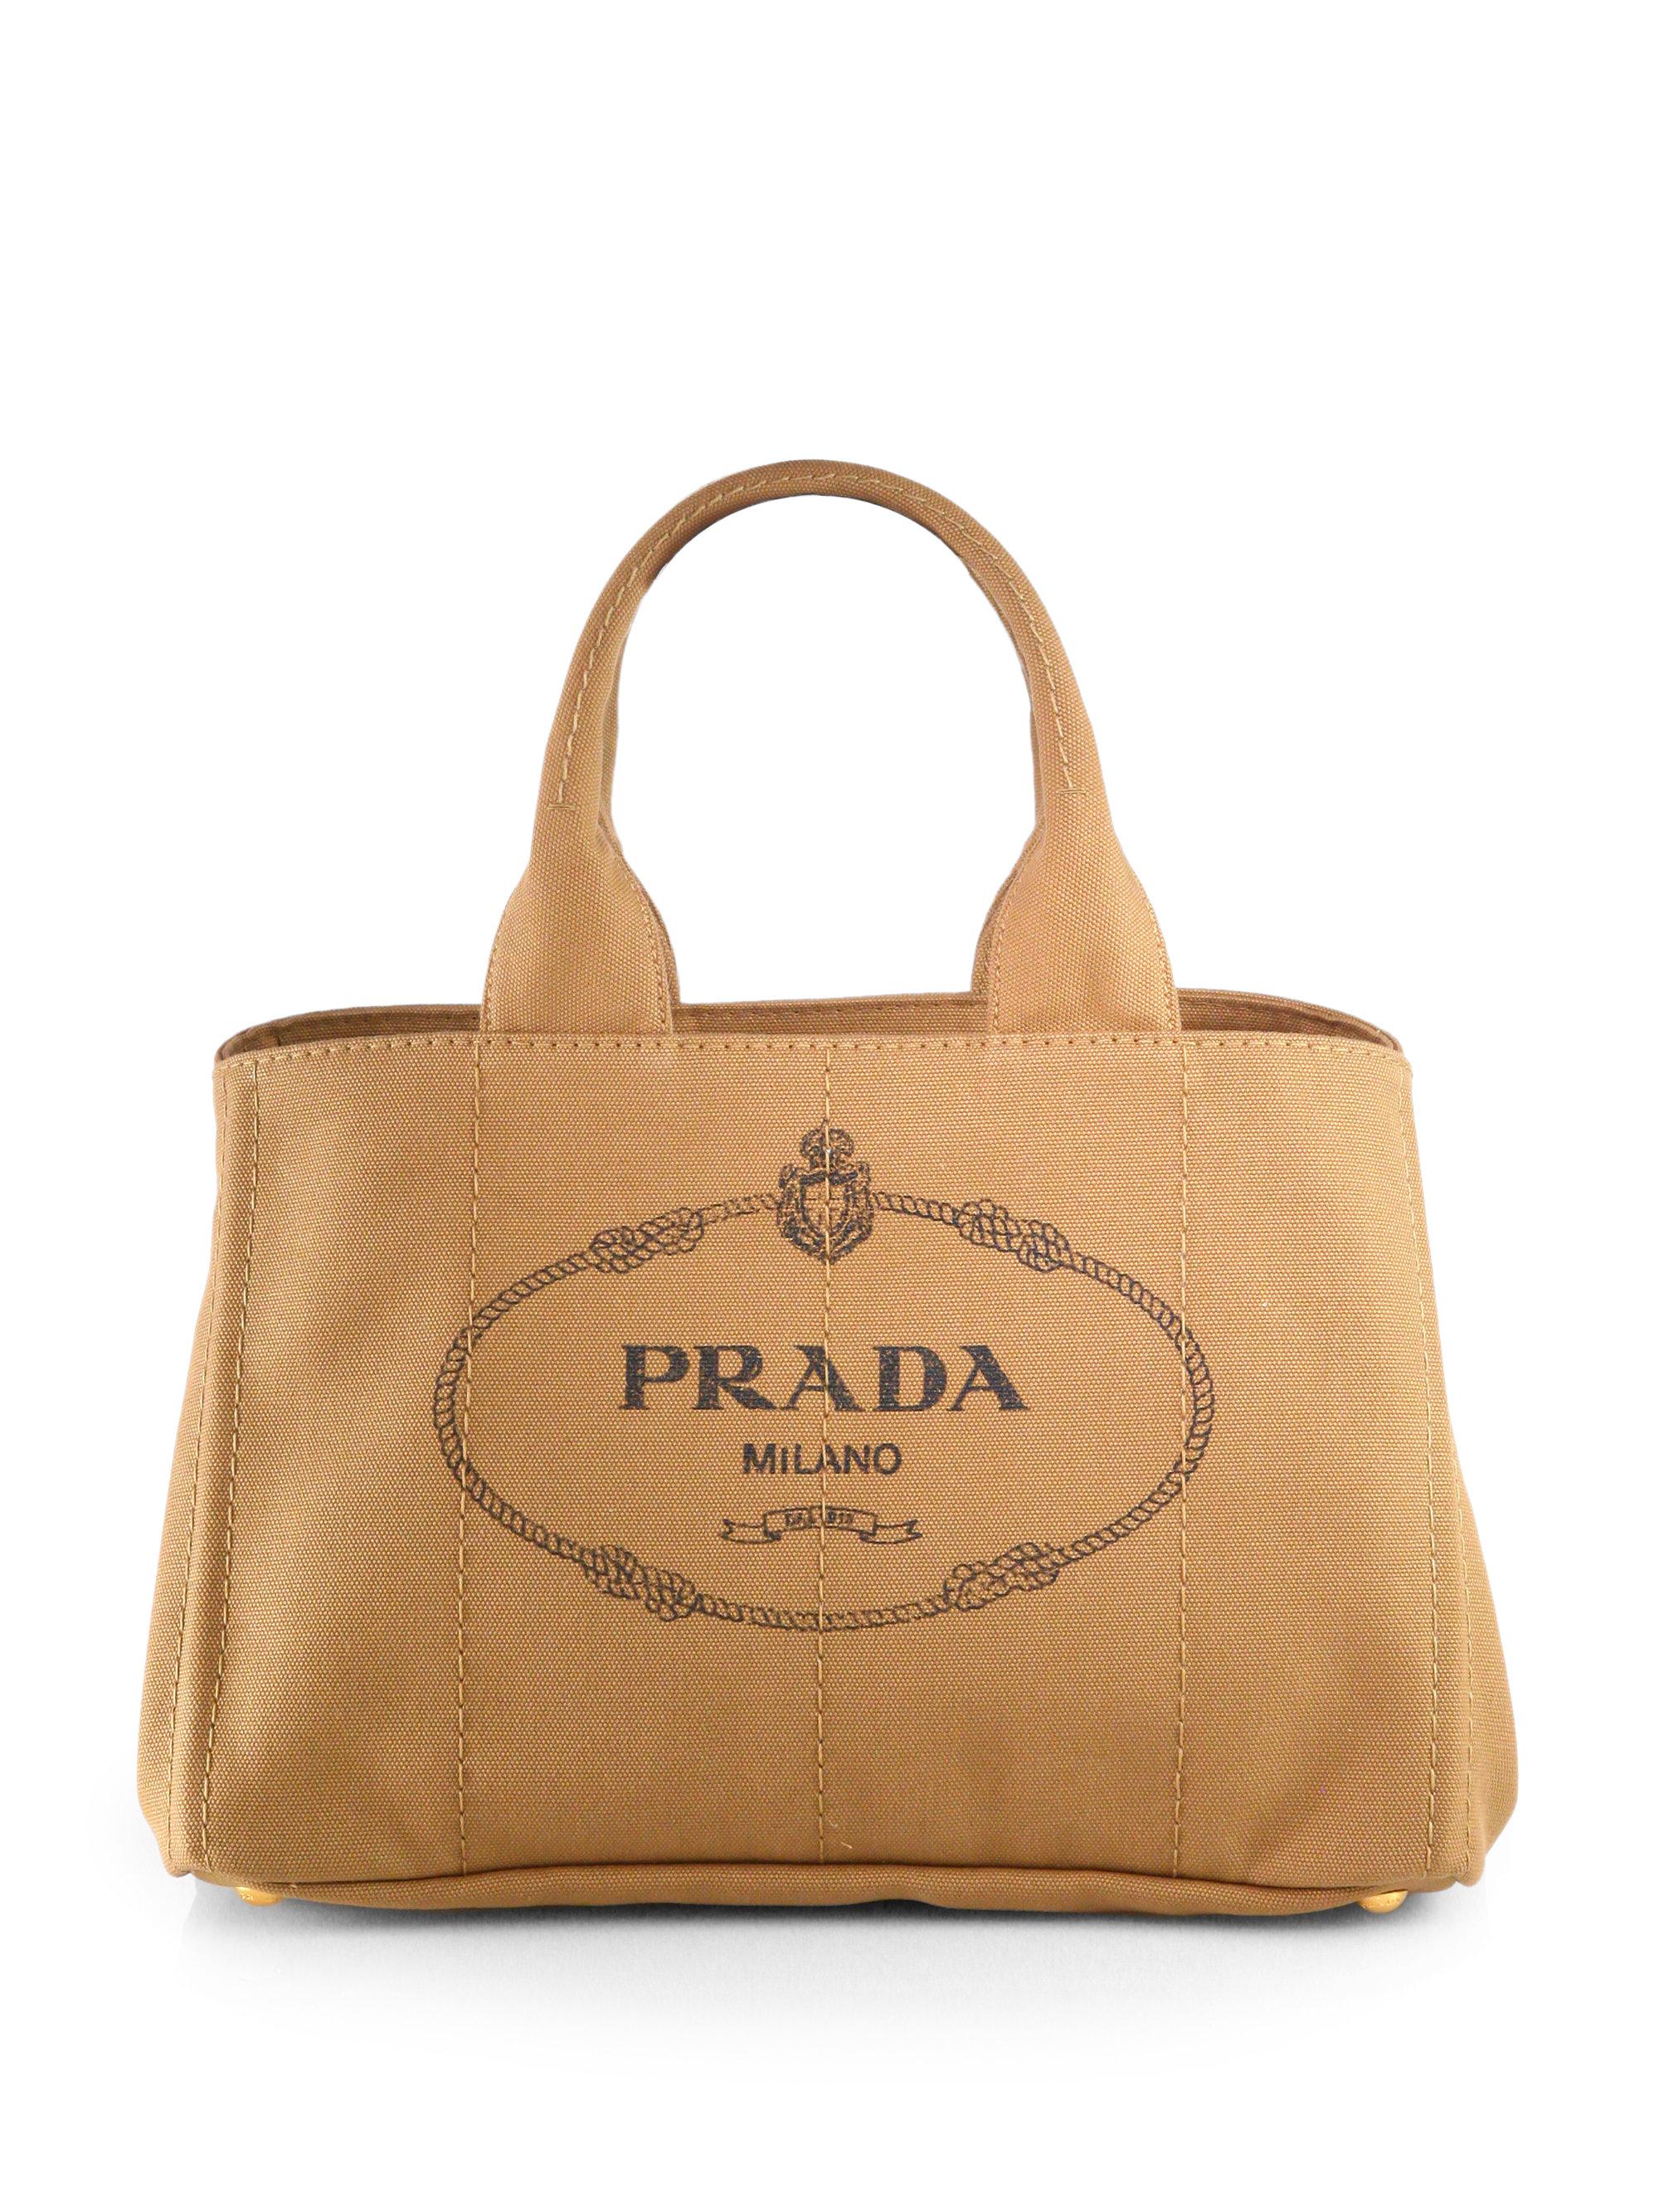 ... natural a73a4 836e6  clearance lyst prada logo printed medium canvas  tote in brown d7871 05eeb 500a96c1a1